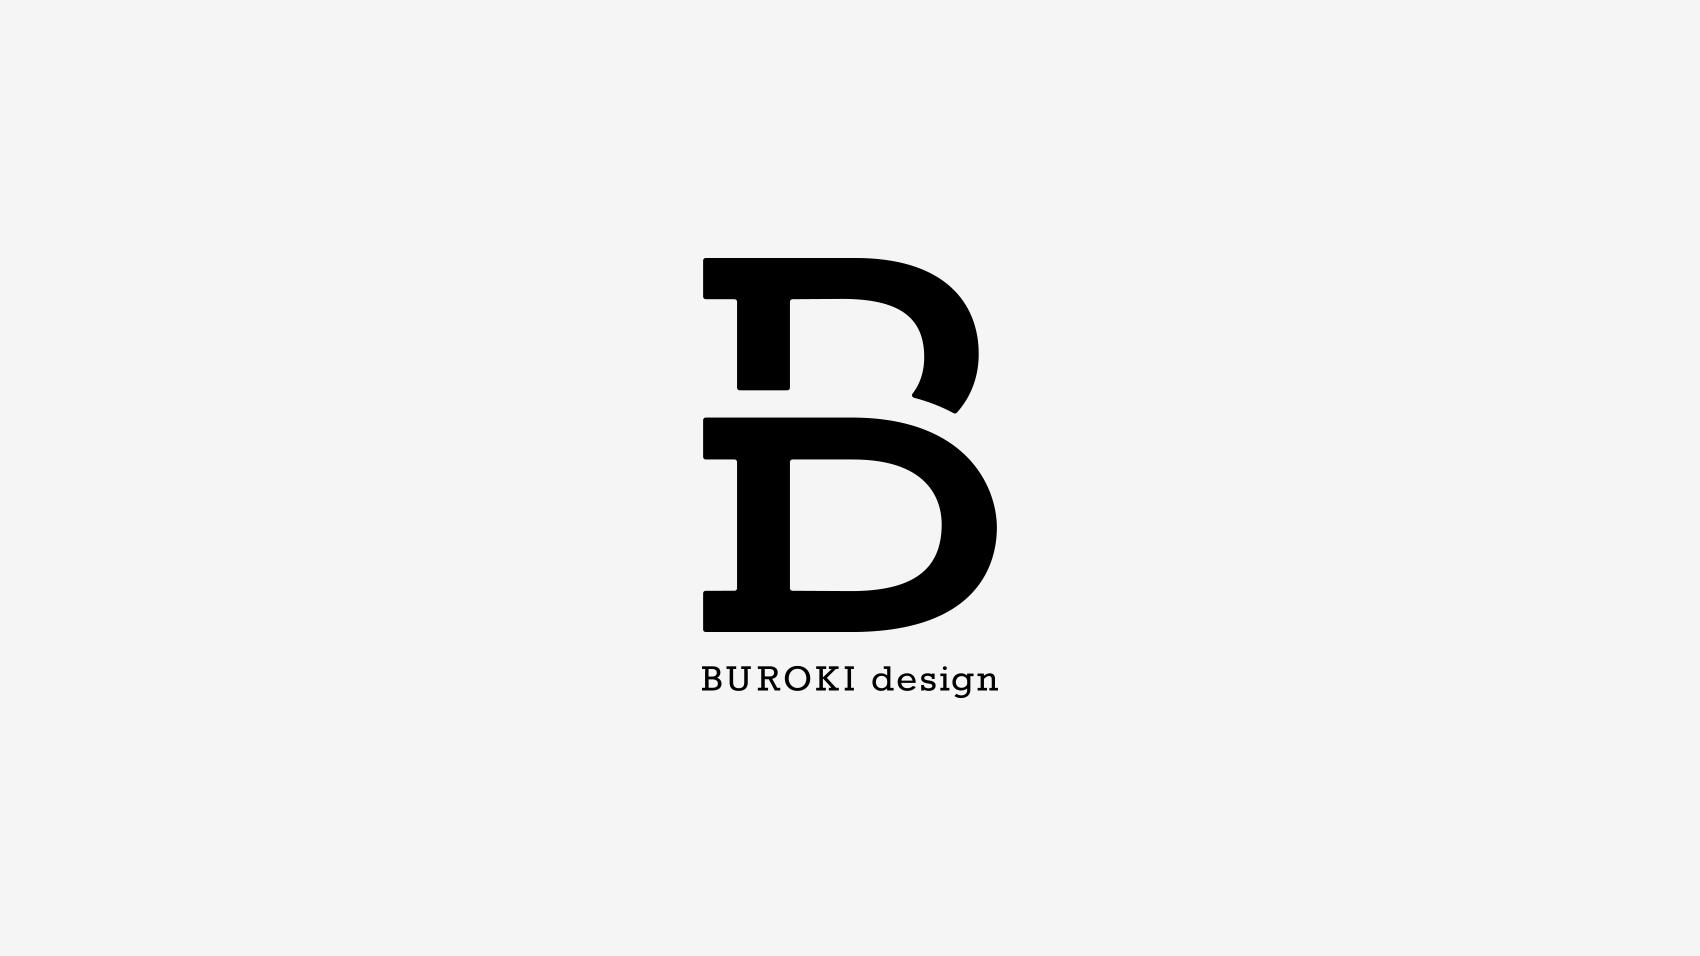 2017年10月から現在までのロゴデザイン